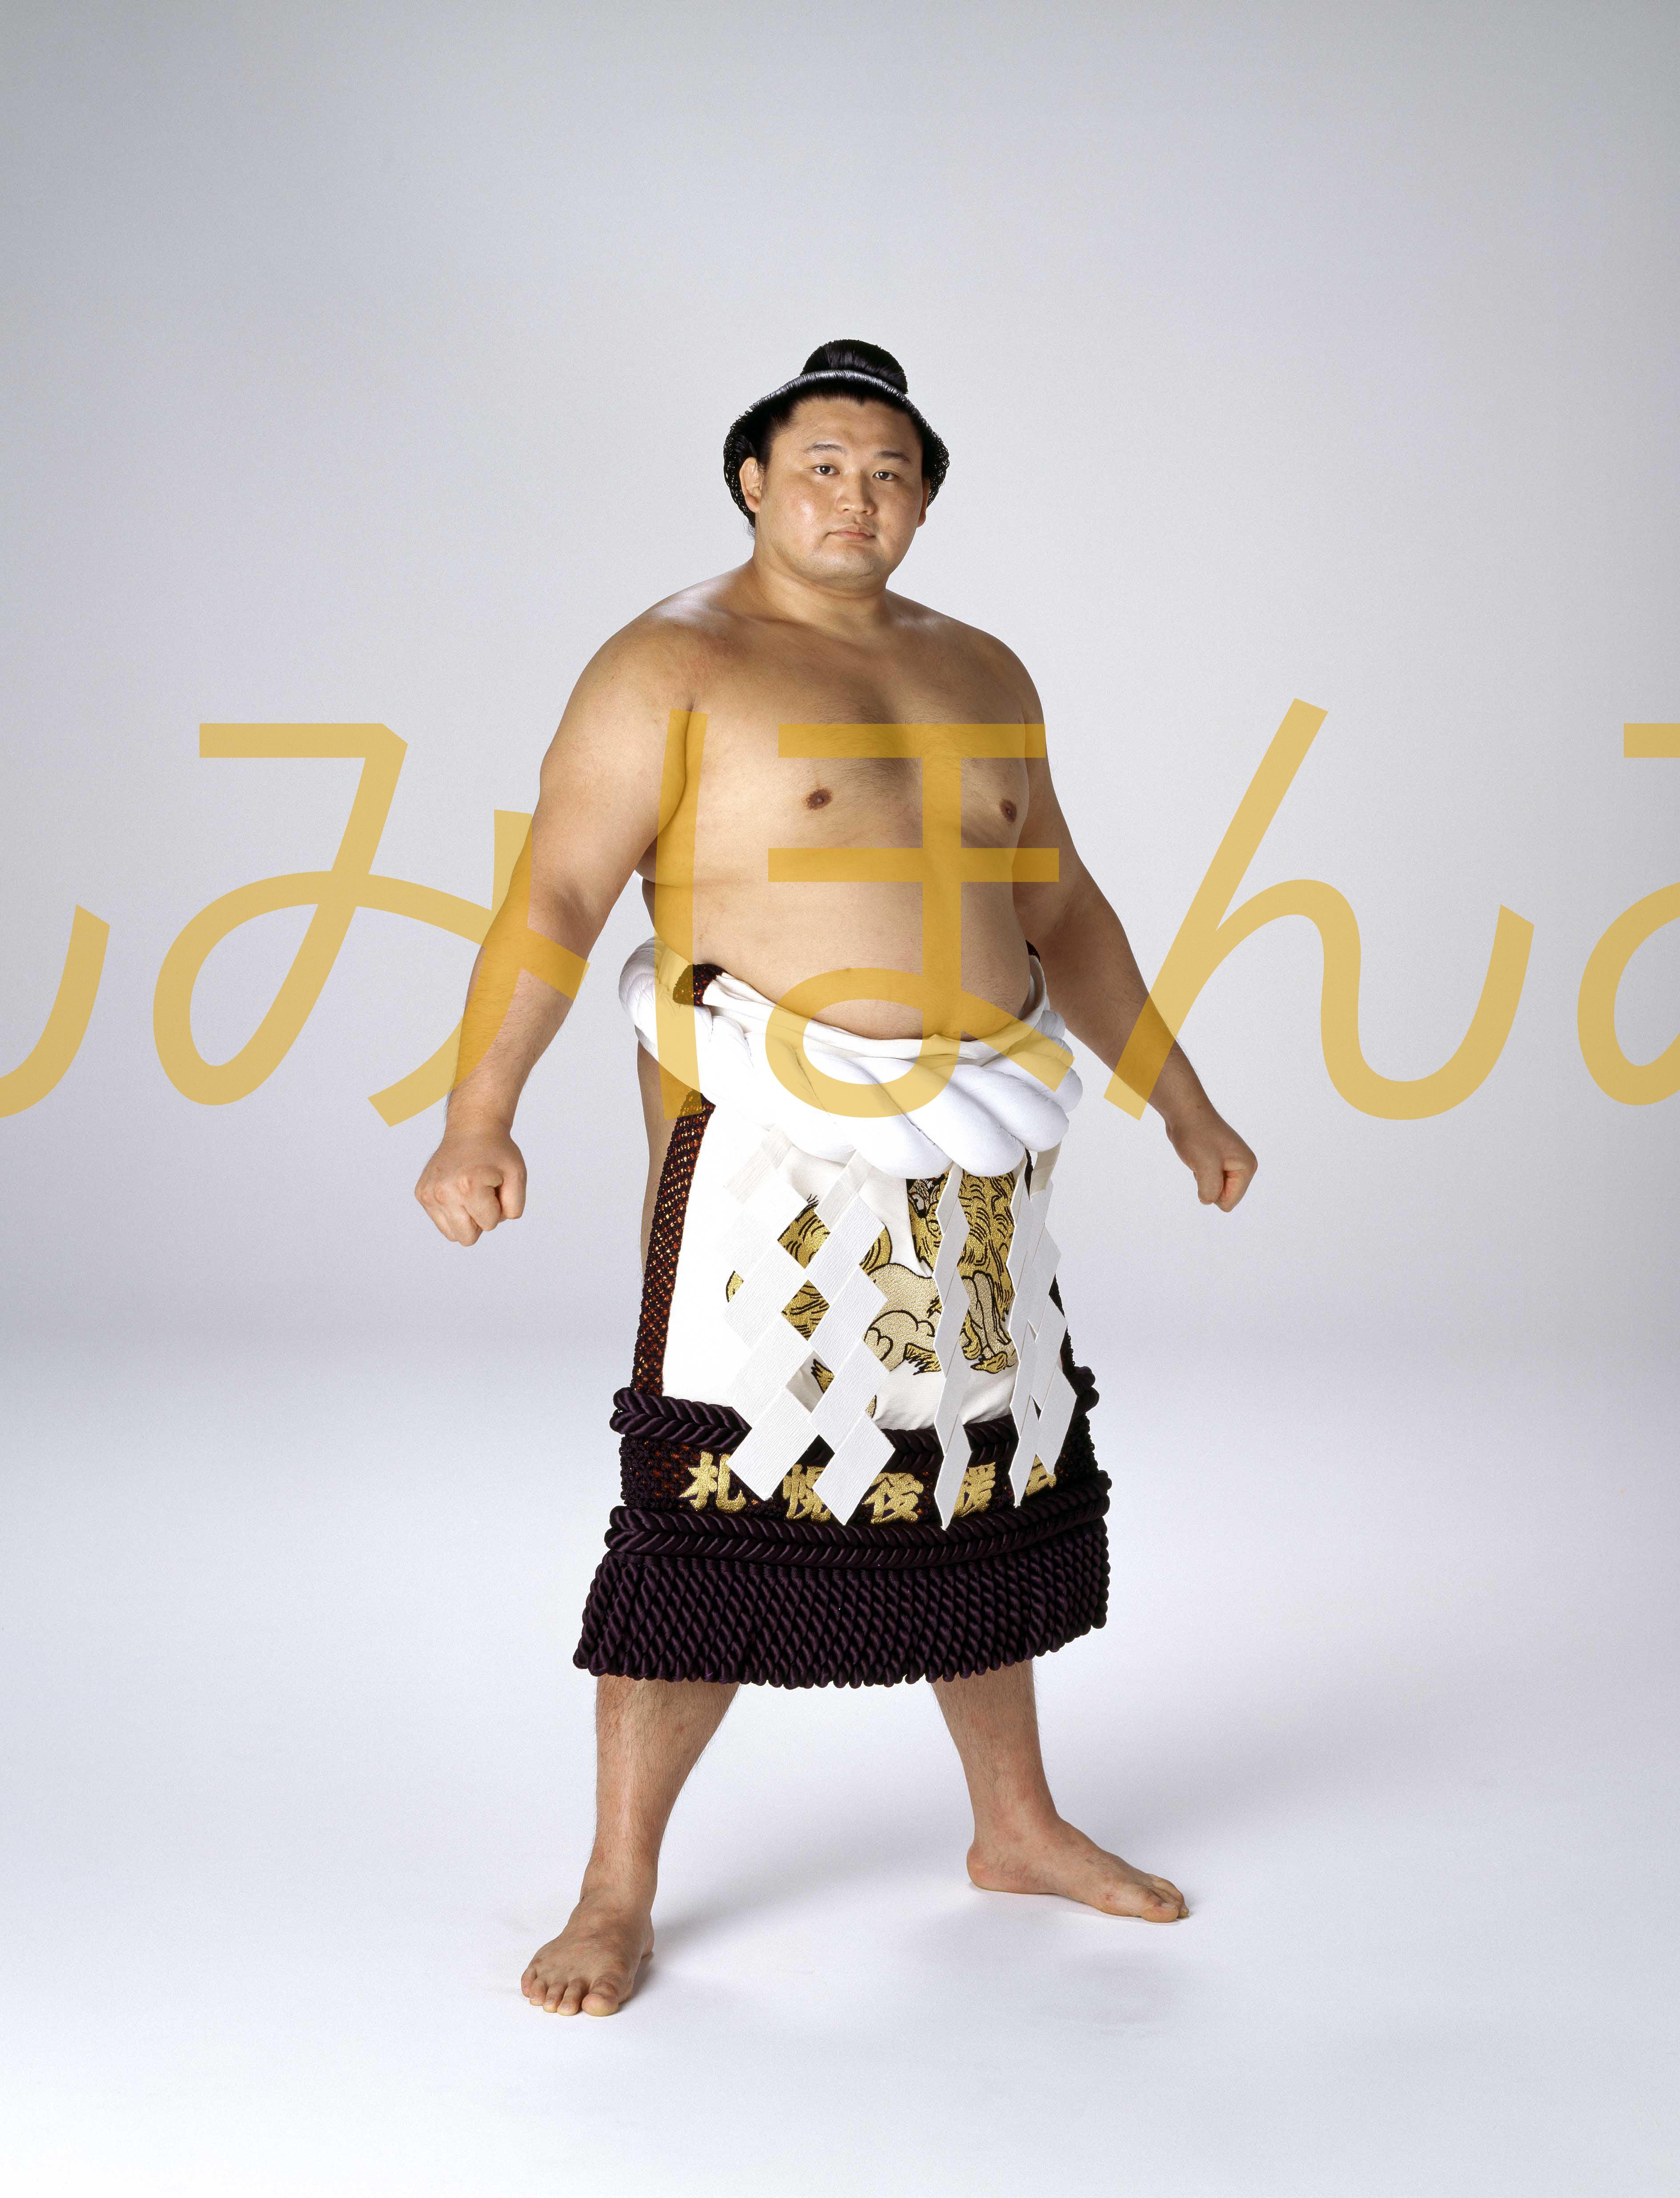 平成9年7月場所優勝 横綱 貴乃花光司関(17回目の優勝)